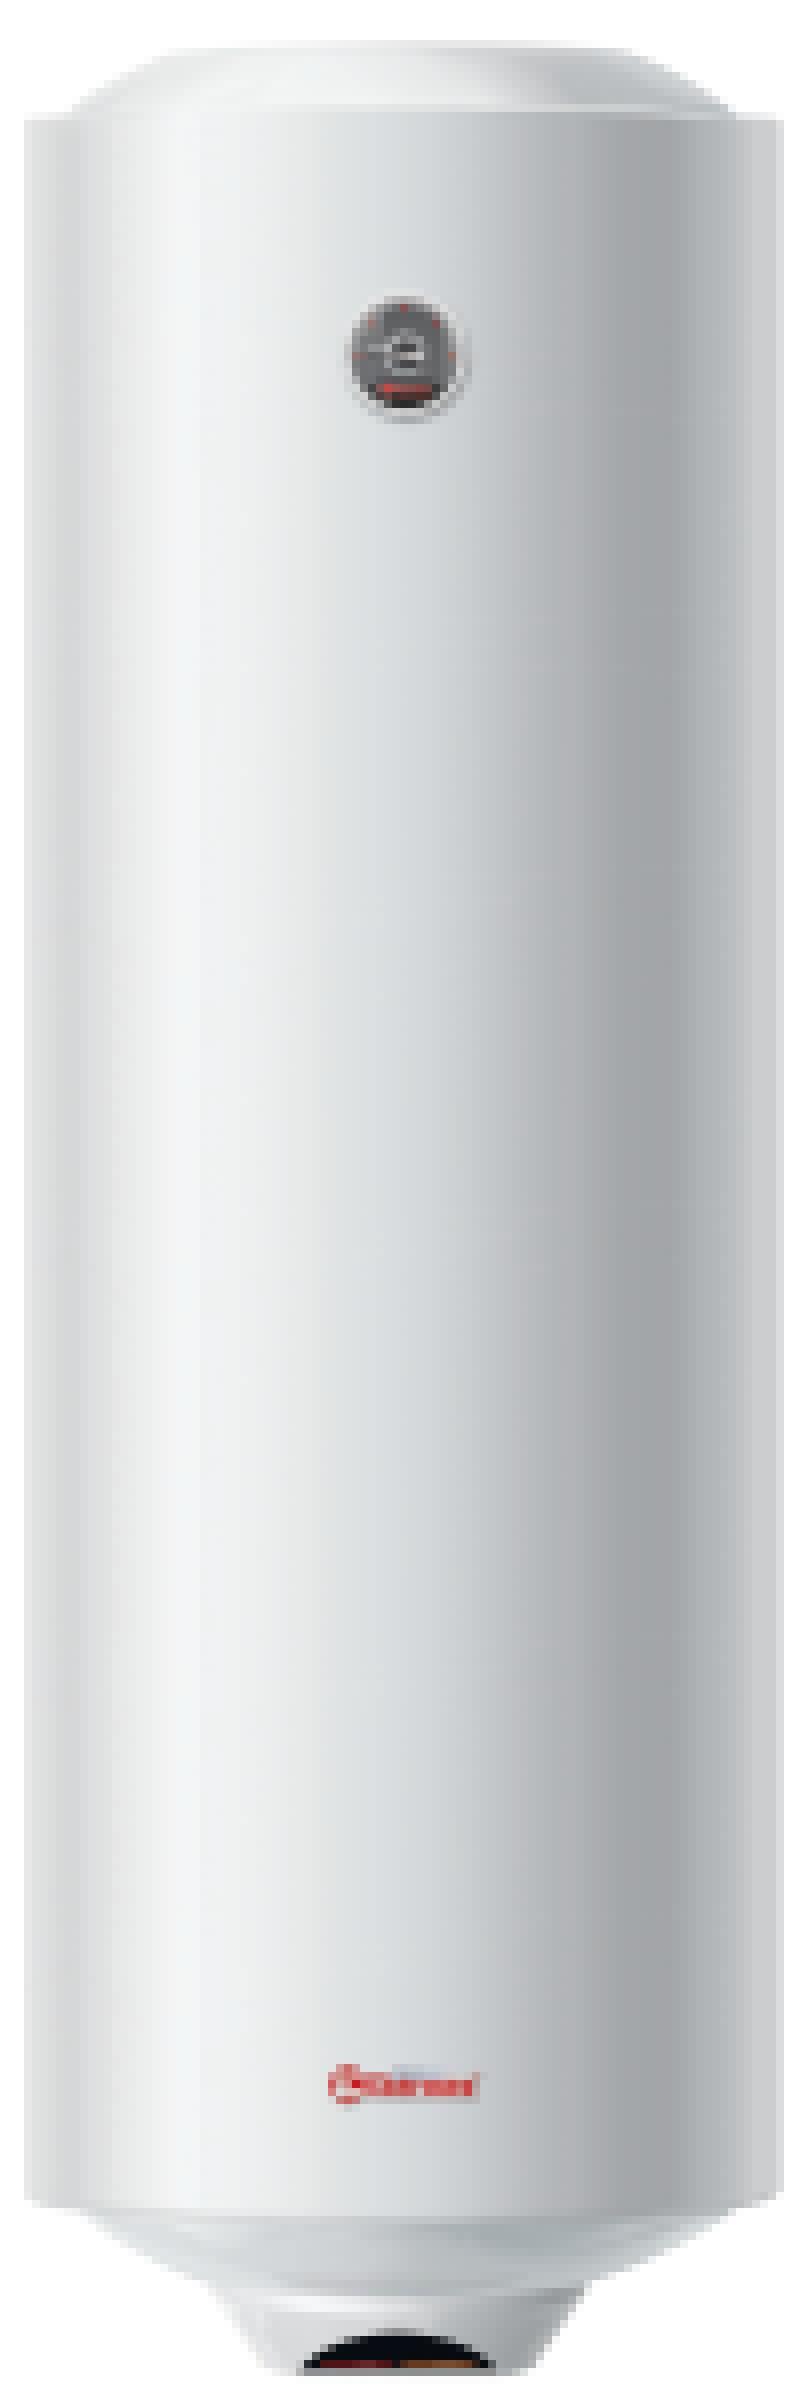 Водонагреватель накопительный Thermex Silverheat ERS 150 V 150л 1.5кВт белый цена